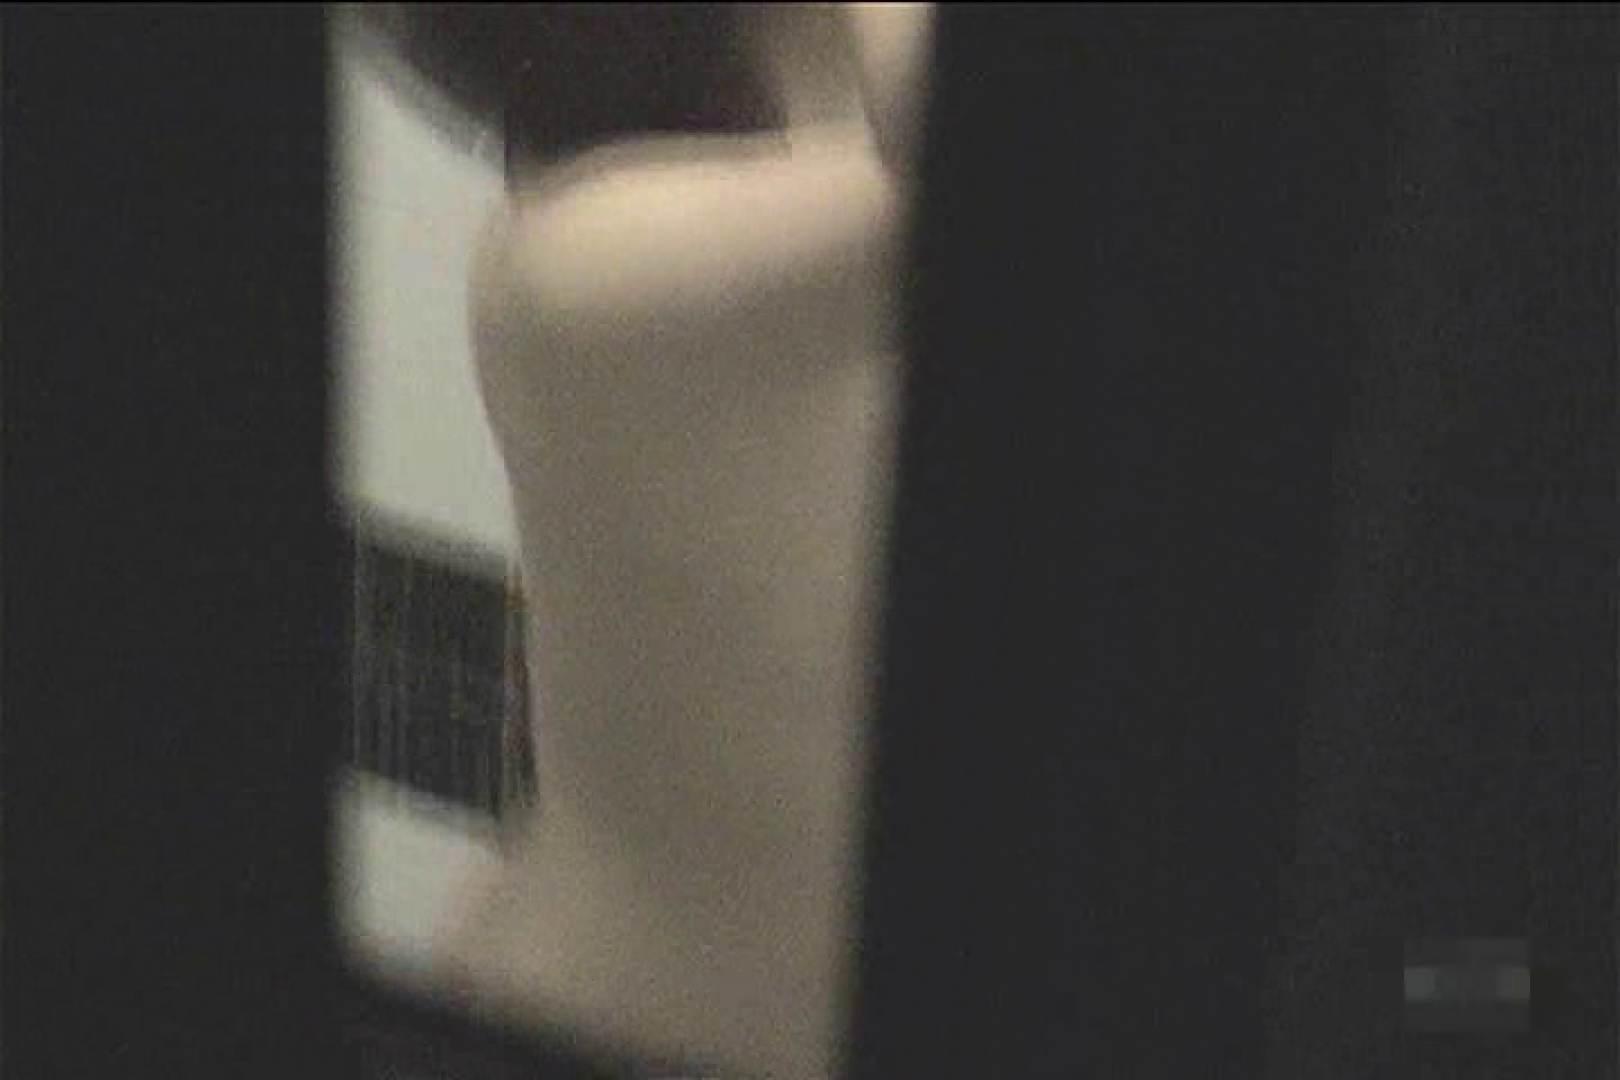 激撮ストーカー記録あなたのお宅拝見しますVol.11 シャワー オマンコ動画キャプチャ 106PICs 19